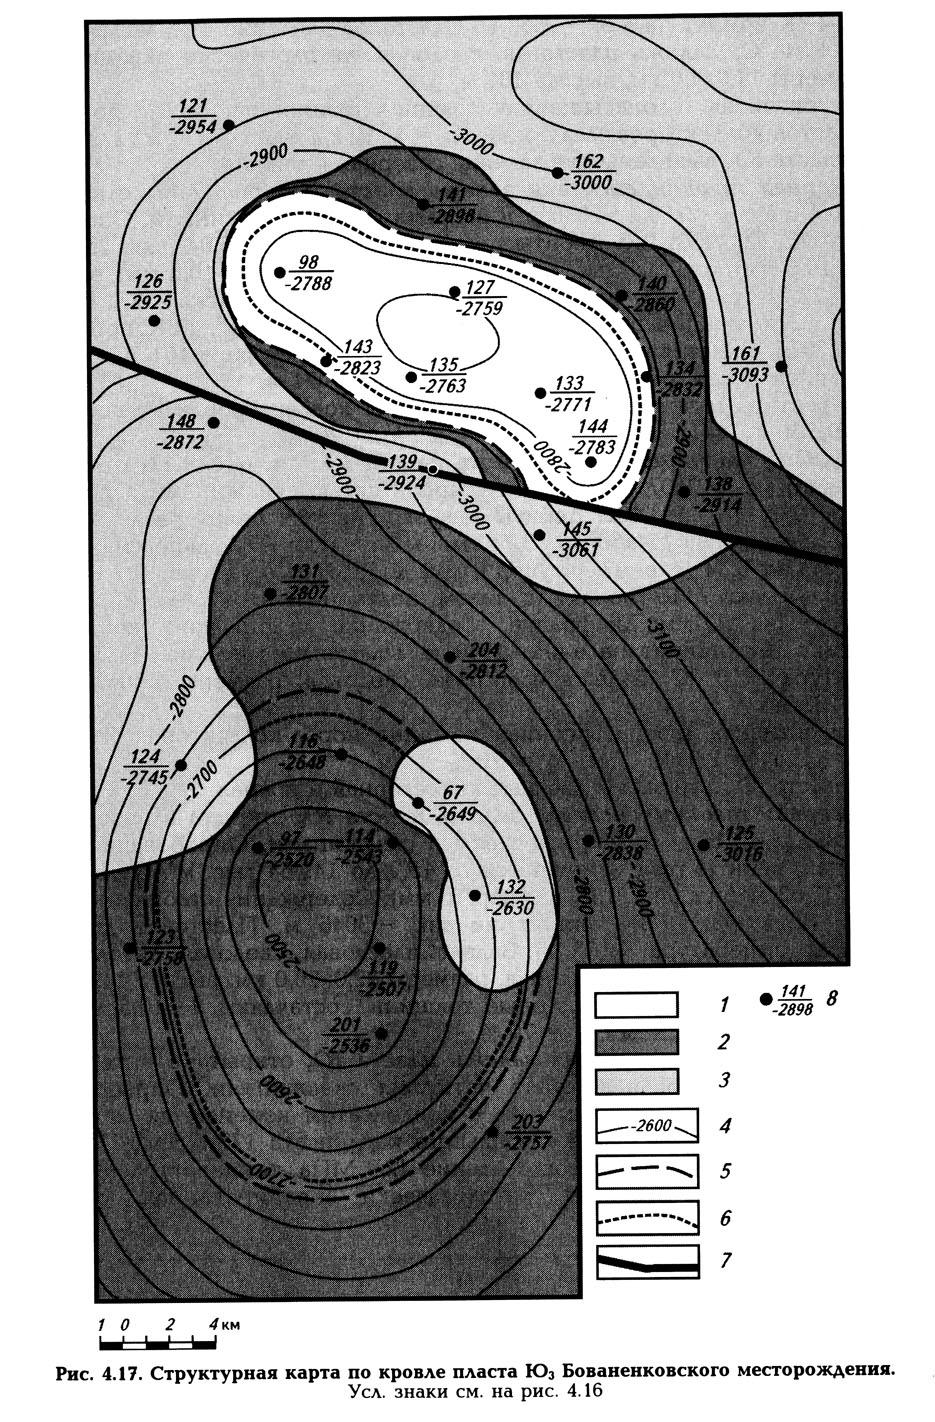 Рис. 4.17. Структурная карта по кровле пласта Ю3 Бованенковского месторождения.